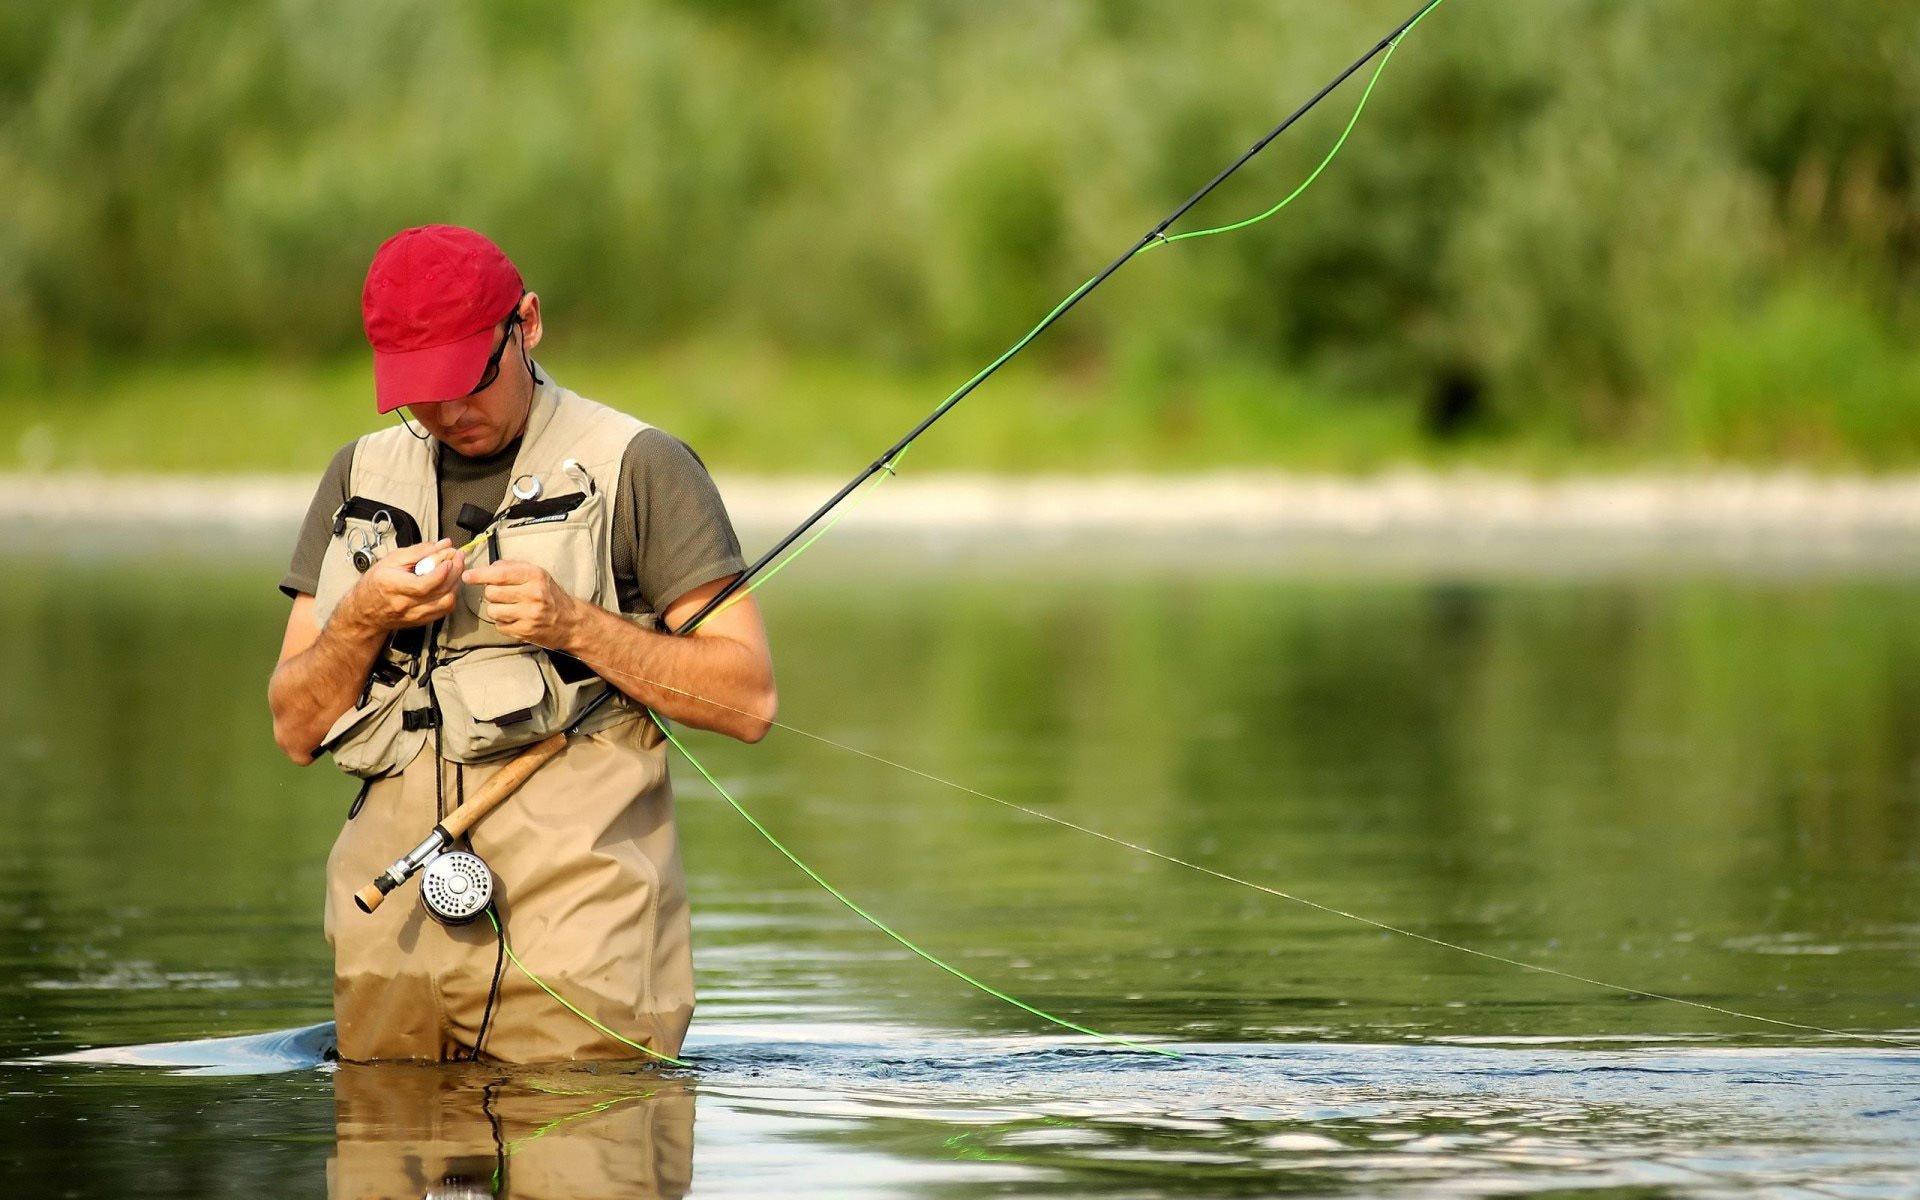 удочка для ловли красной рыбы